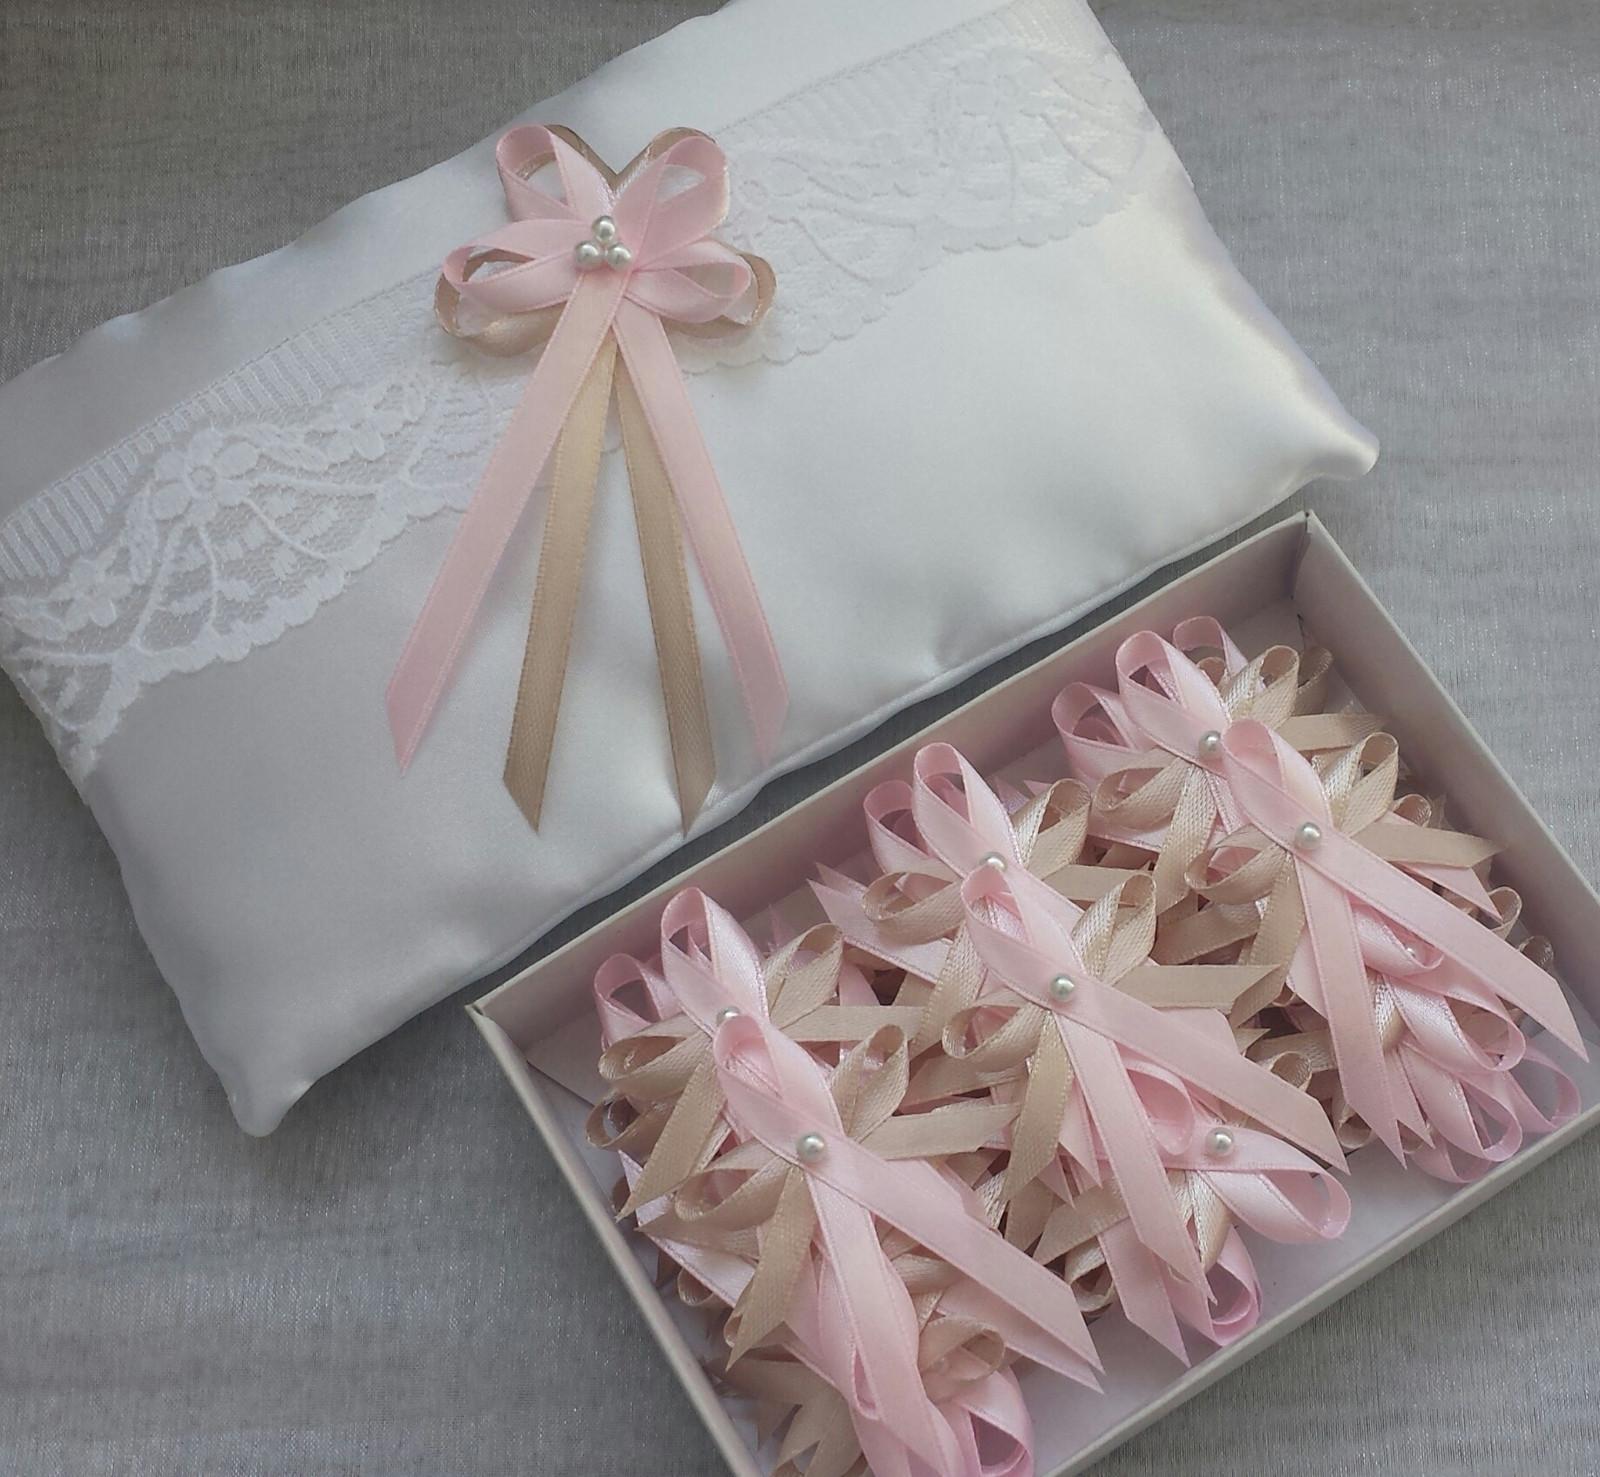 Svatební vývazky Pink & Nude - Obrázek č. 1